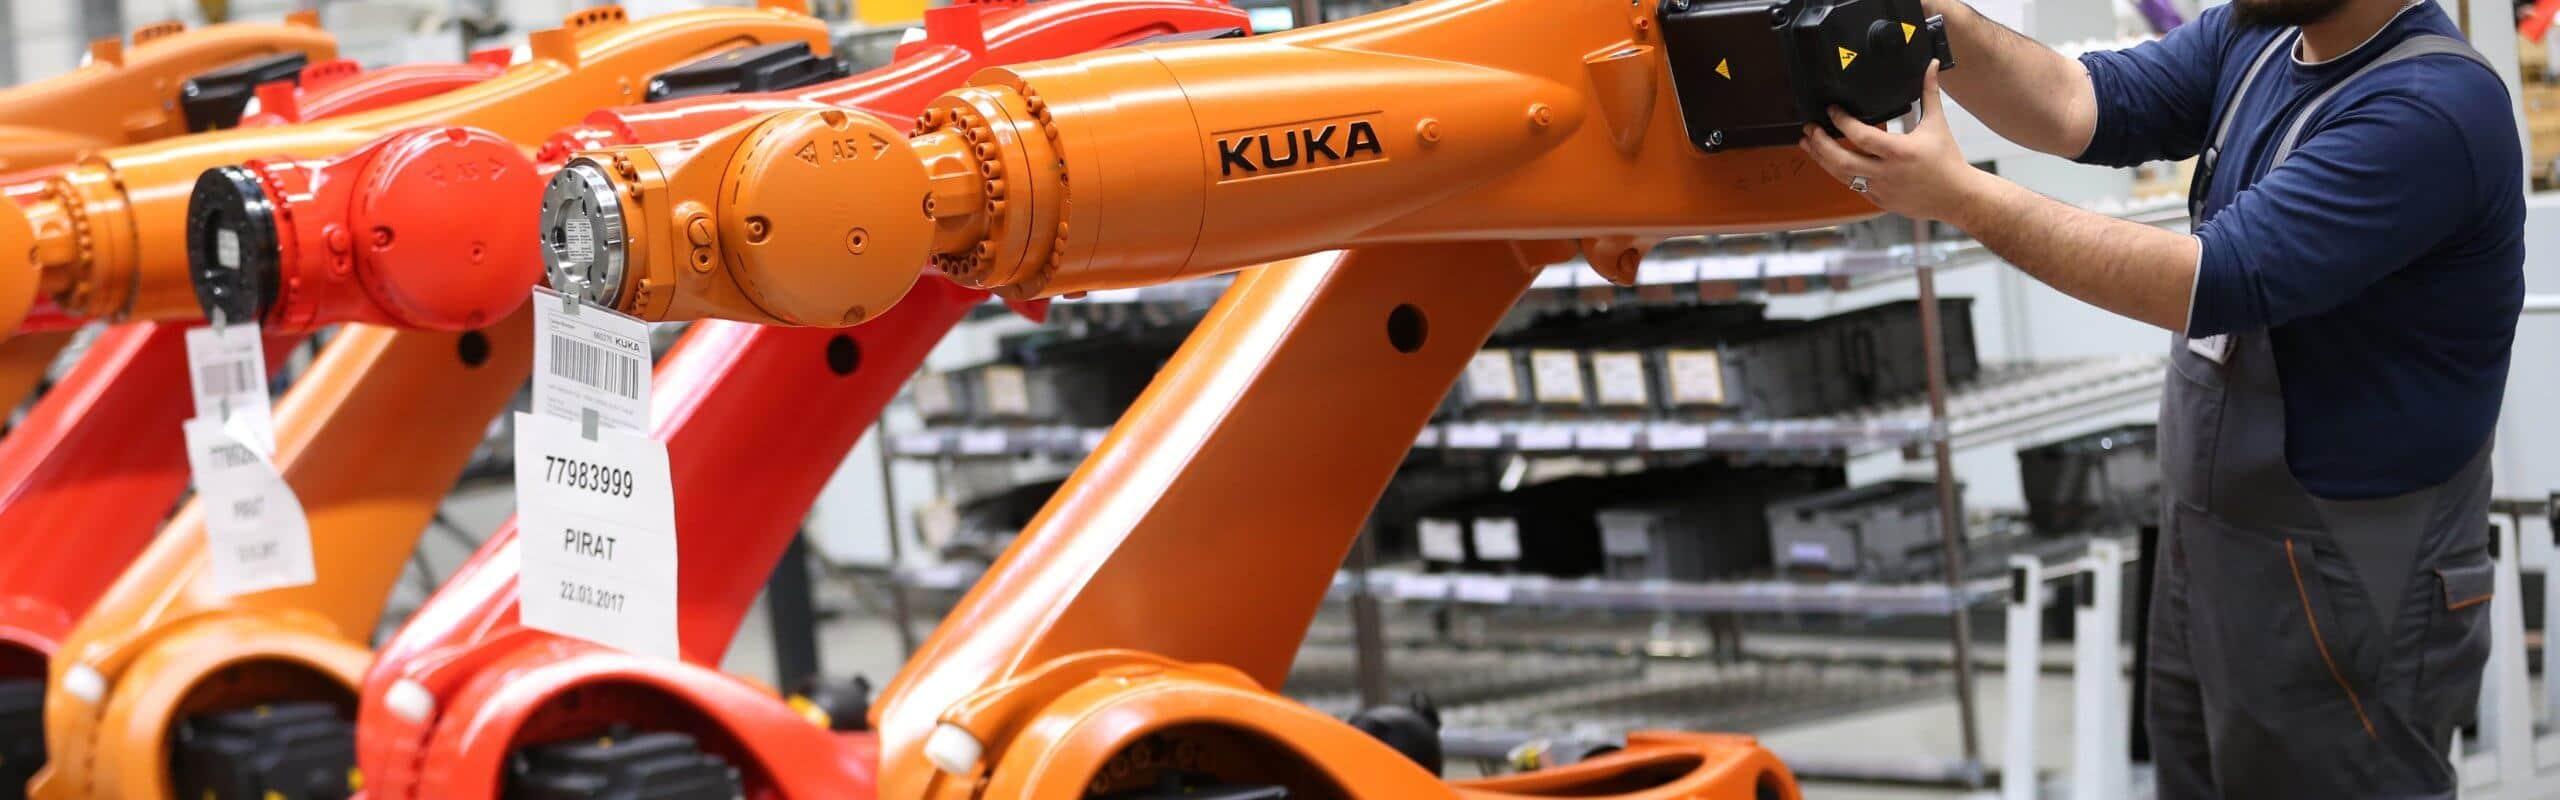 Arbeit starke Wirtschaft Digitalisierung